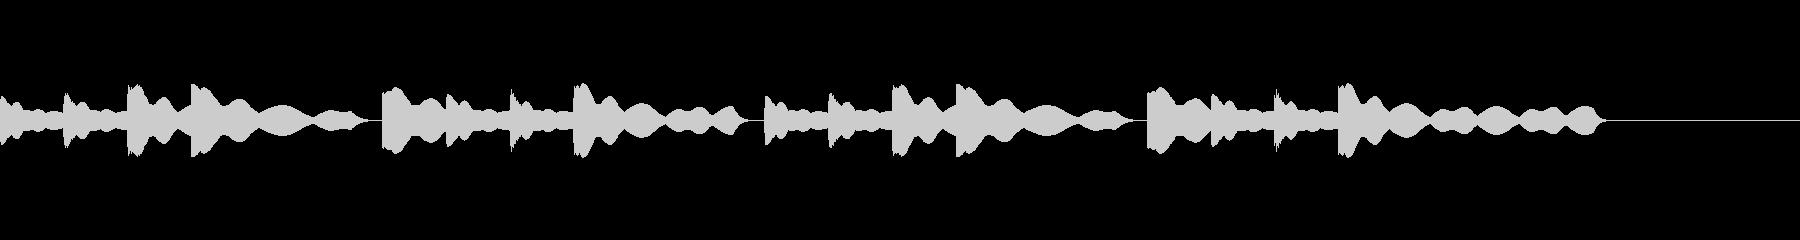 チャイム(最終下校時刻)の未再生の波形